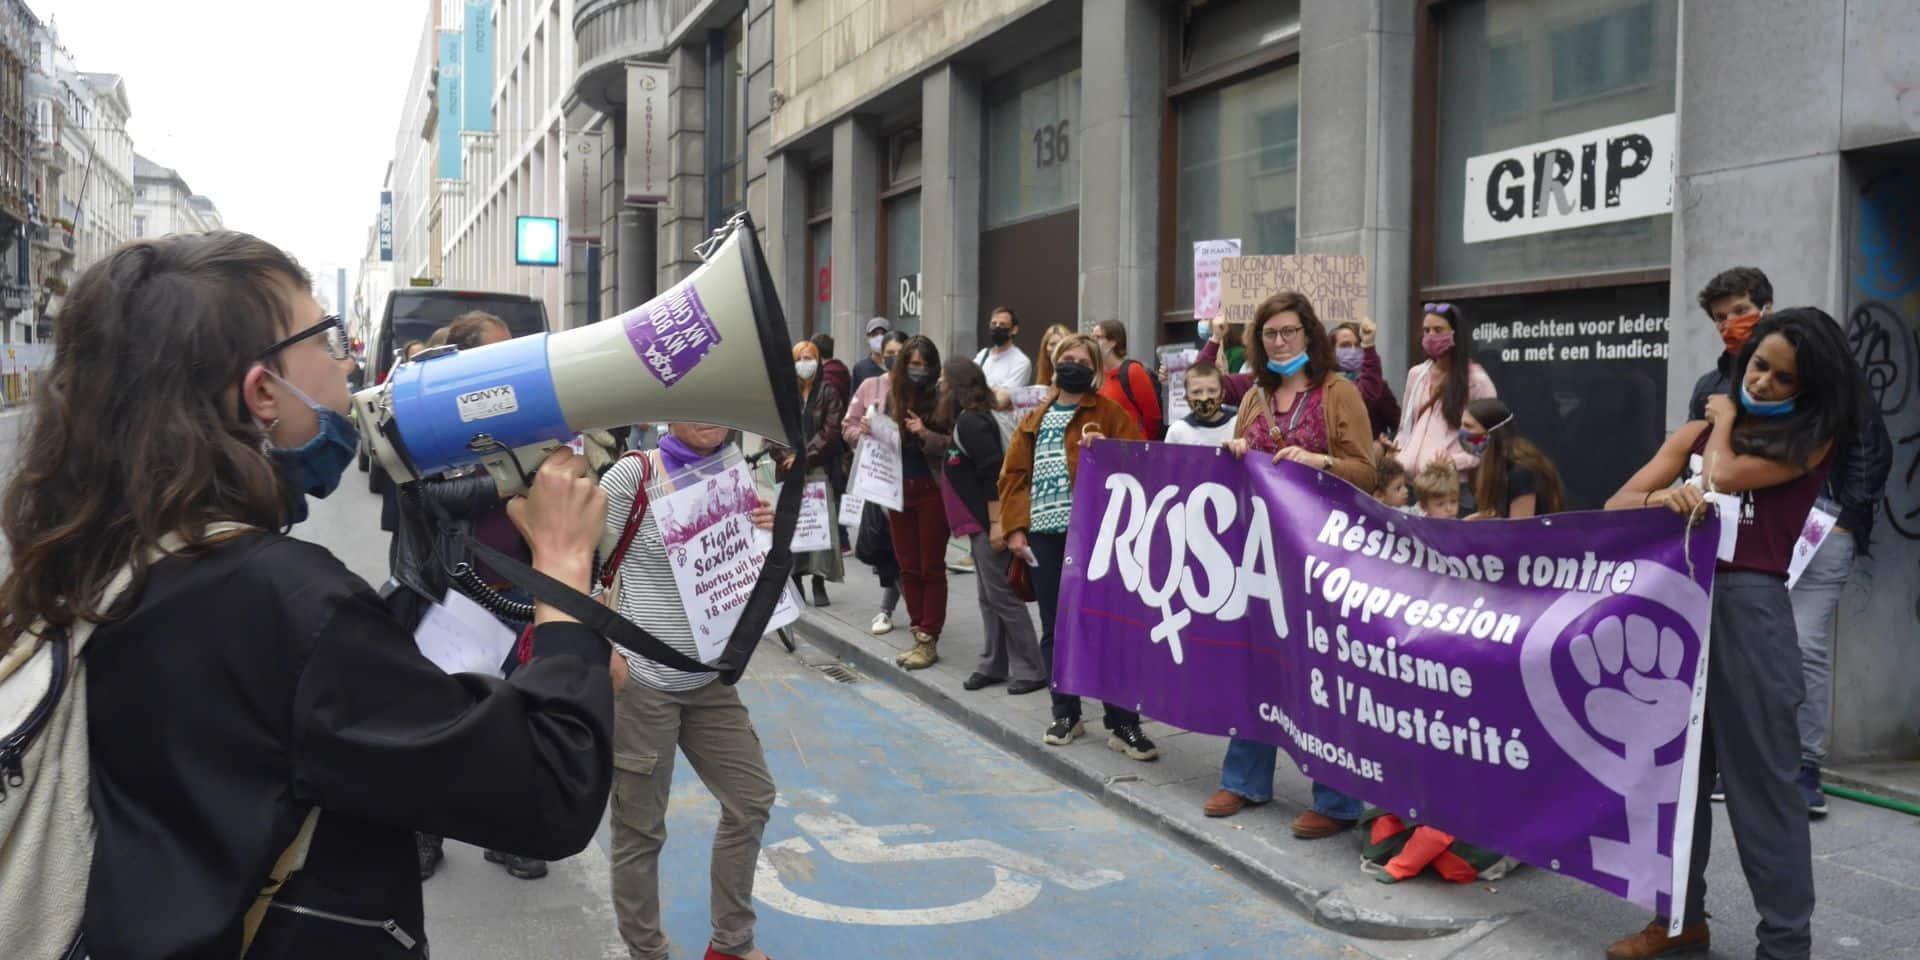 Des femmes ont manifesté sous les fenêtres de la N-VA pour défendre leur droit à l'IVG